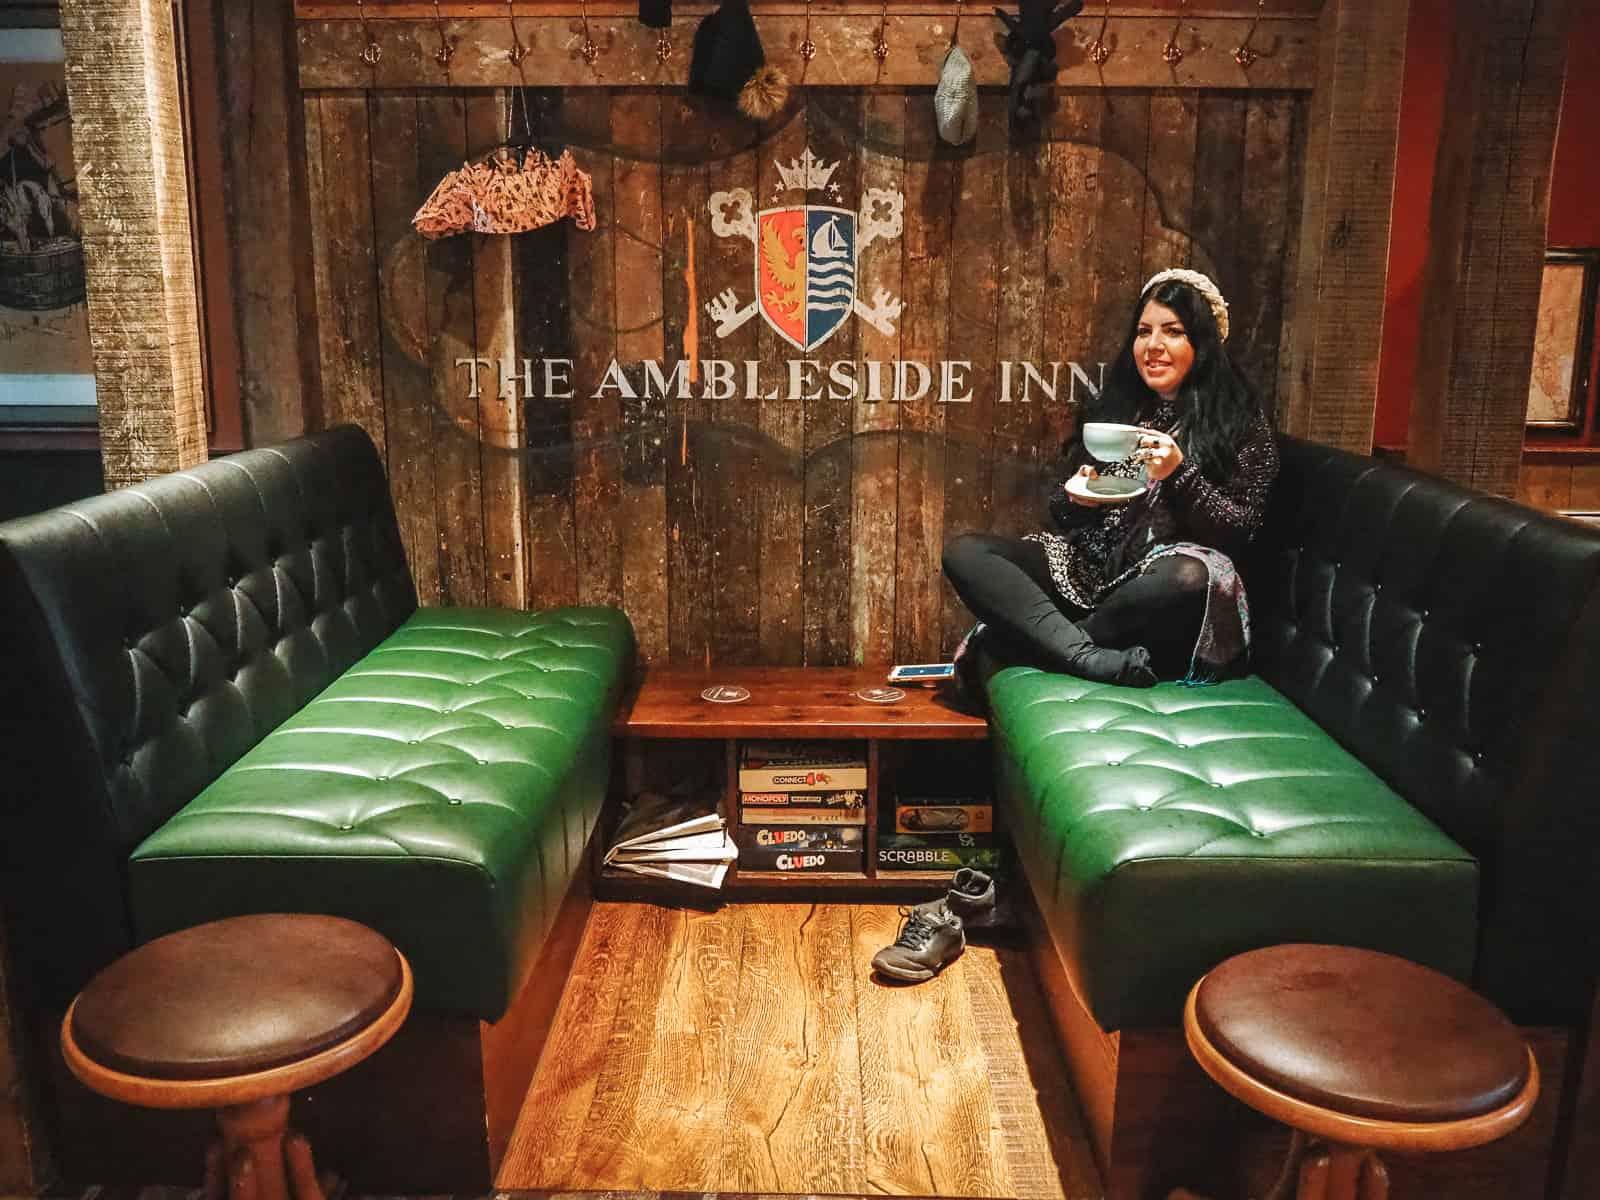 The Ambleside Inn restaurant